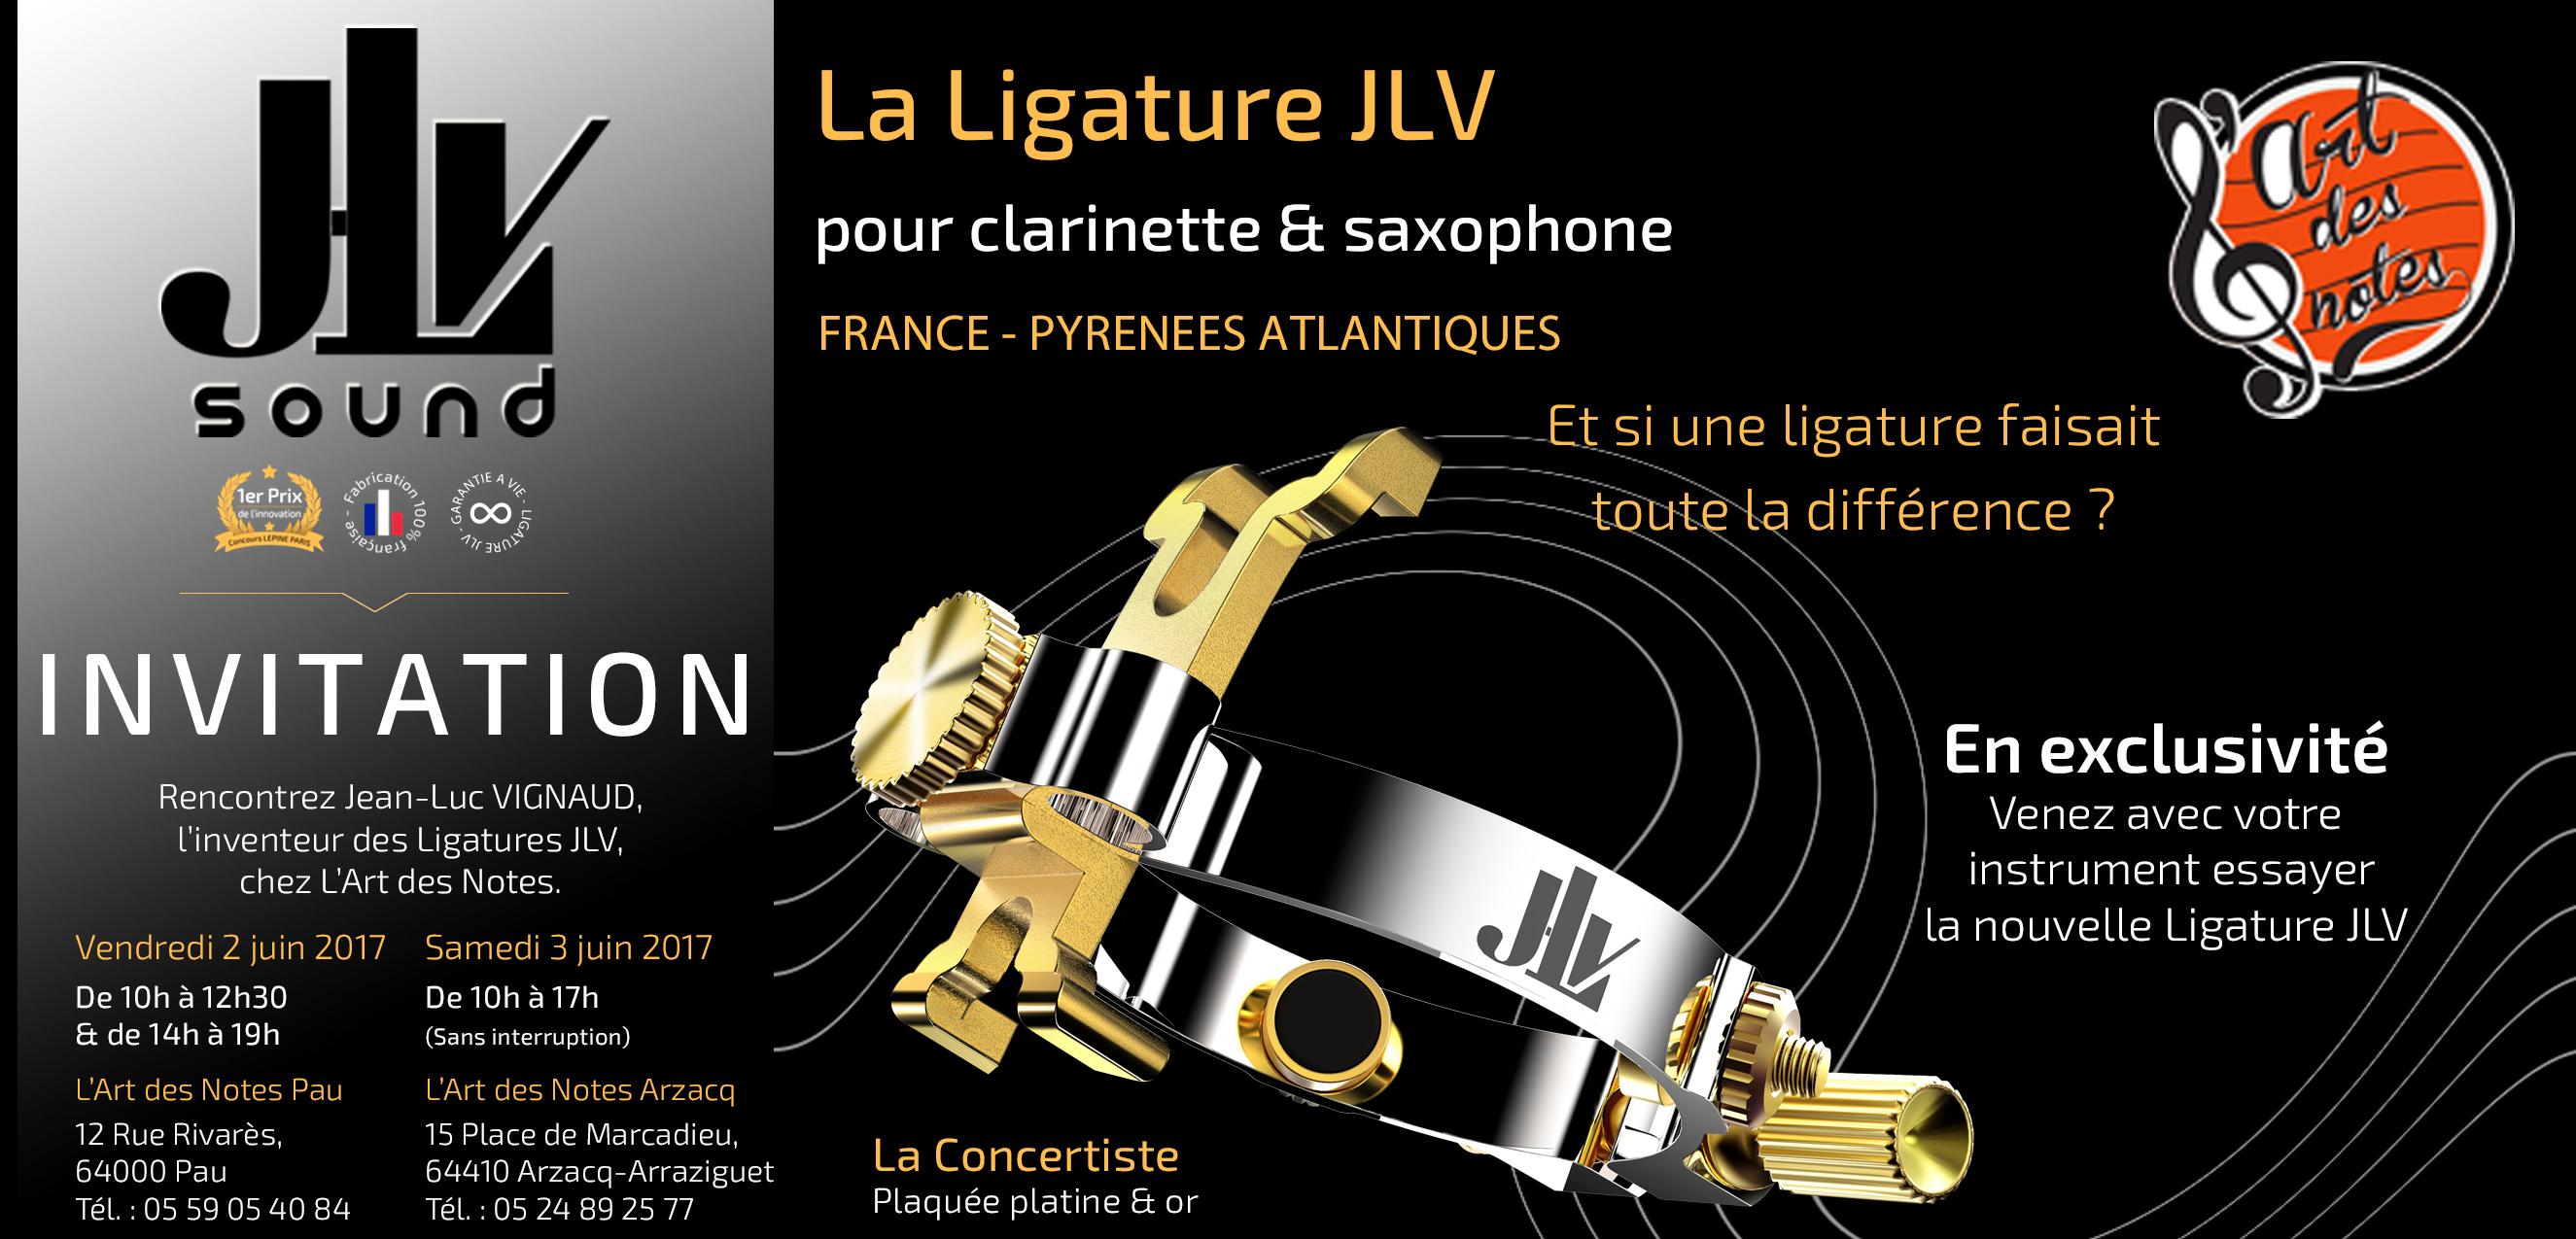 Evénement à Pau et Arzacq le 2 et 3 juin 2017 avec l'inventeur des Ligatures JLV